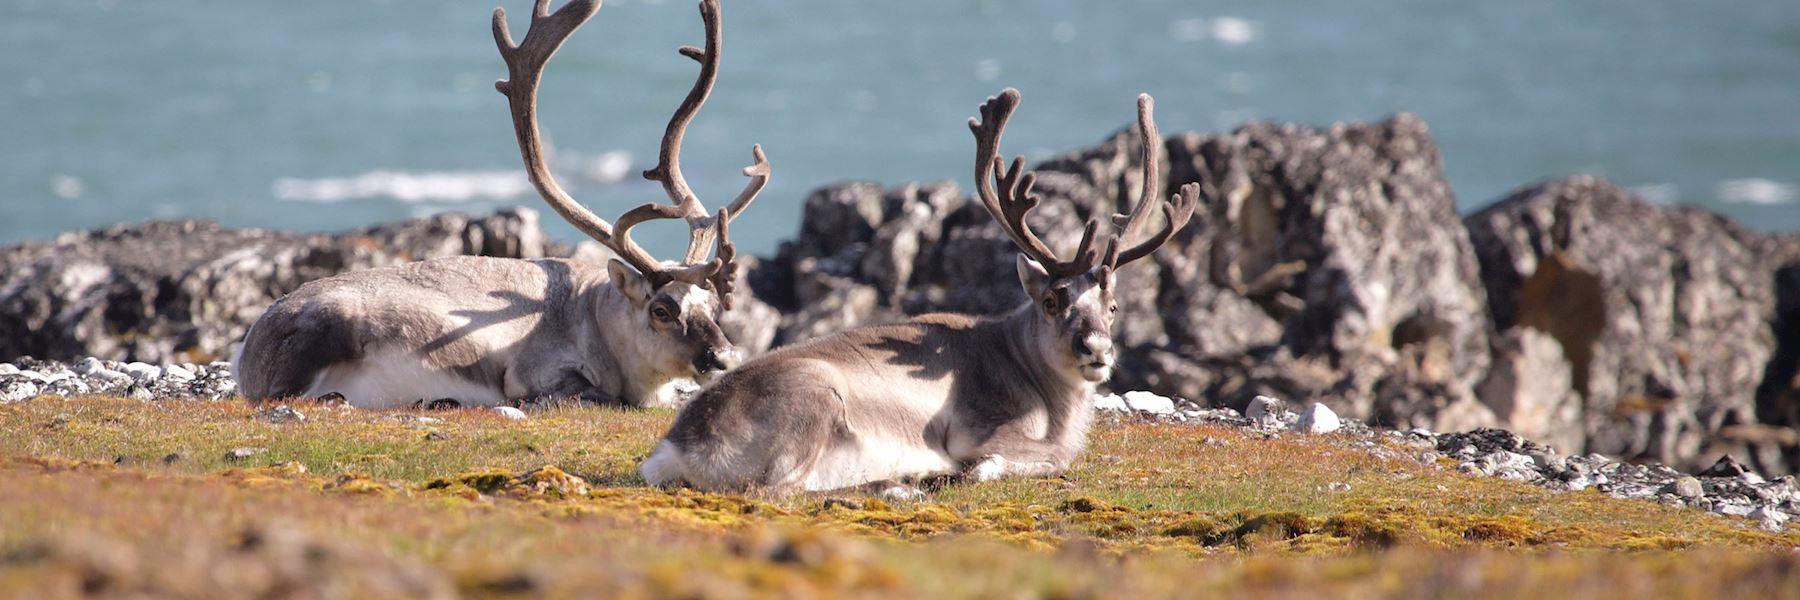 Arctic trip ideas